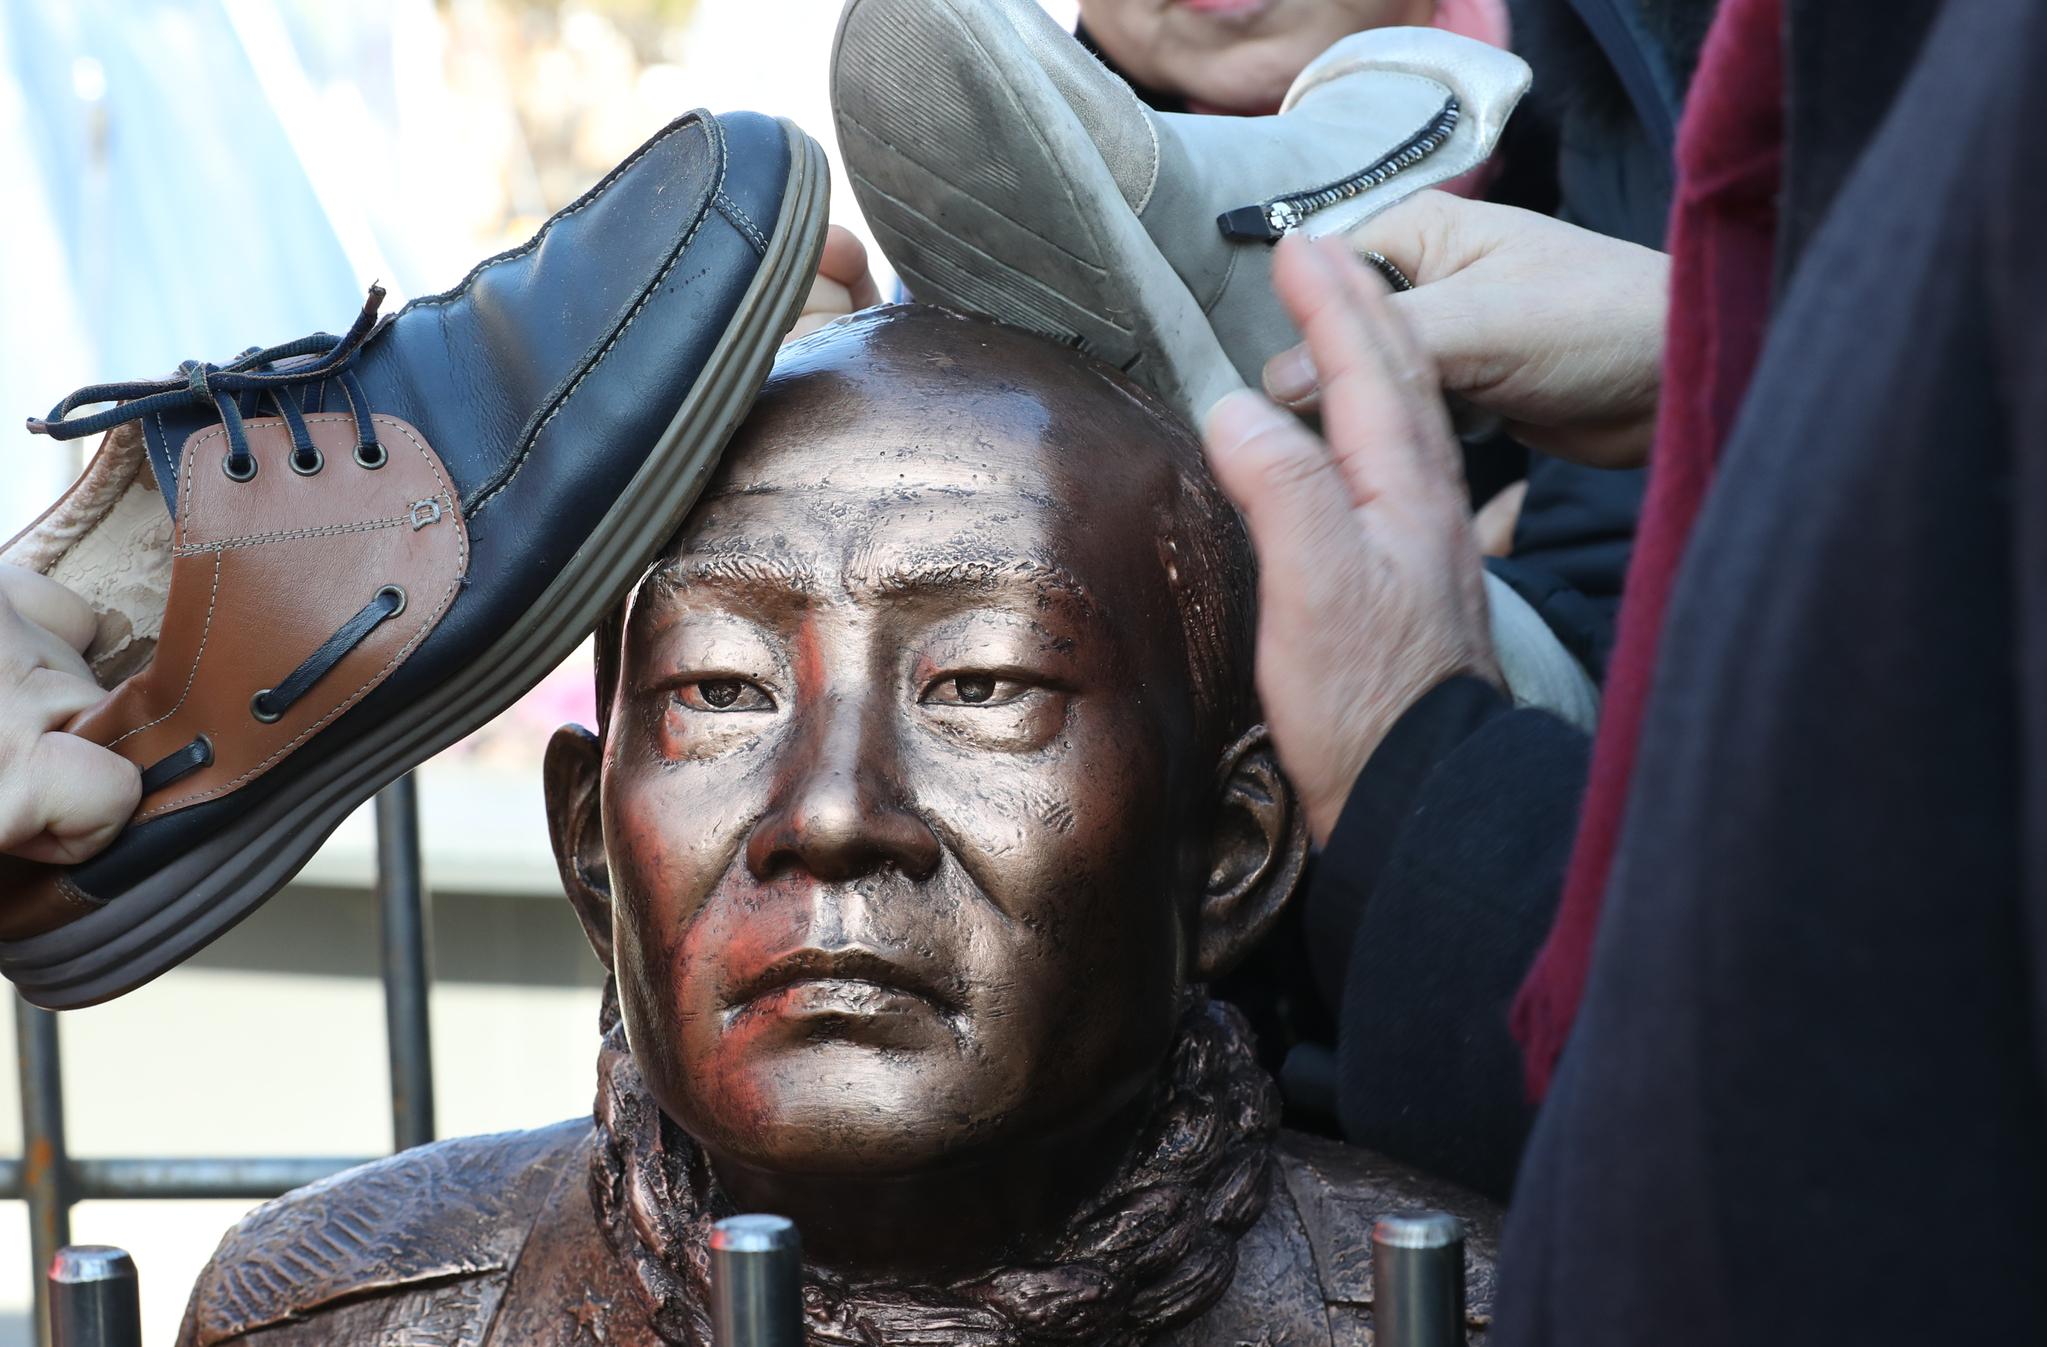 신군부가 일으킨 12·12 군사반란 40주년인 12일 5.18 관련 단체 회원들이 서울 광화문광장에서 전두환 전 대통령의 구속 수사를 촉구하는 기자회견을 한 뒤 이를 상징적으로 표현하기 위해 제작한 동상 조형물을 때리는 퍼포먼스를 하고 있다. [연합뉴스]